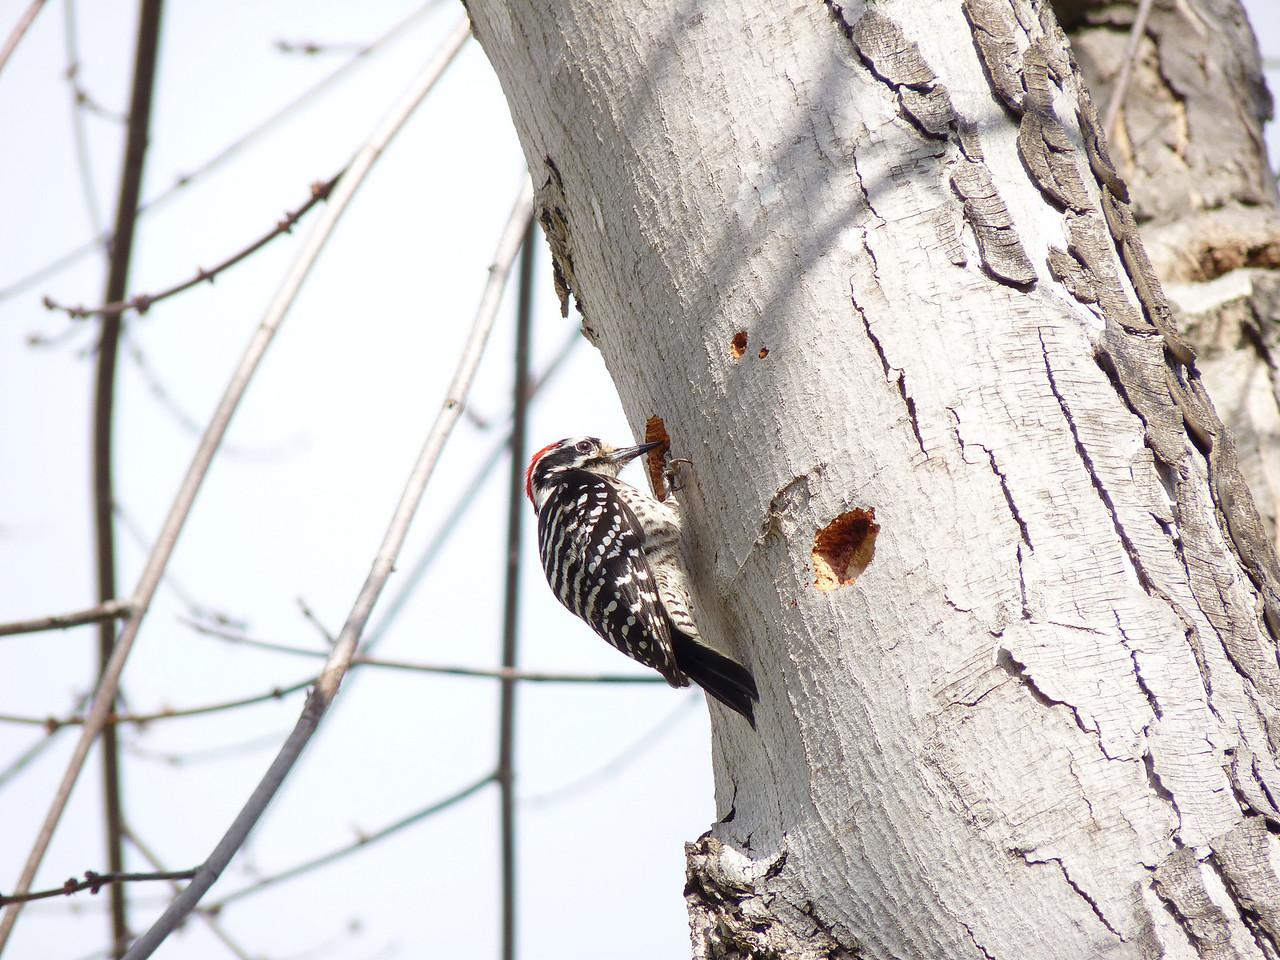 713 Nuttall's Woodpecker